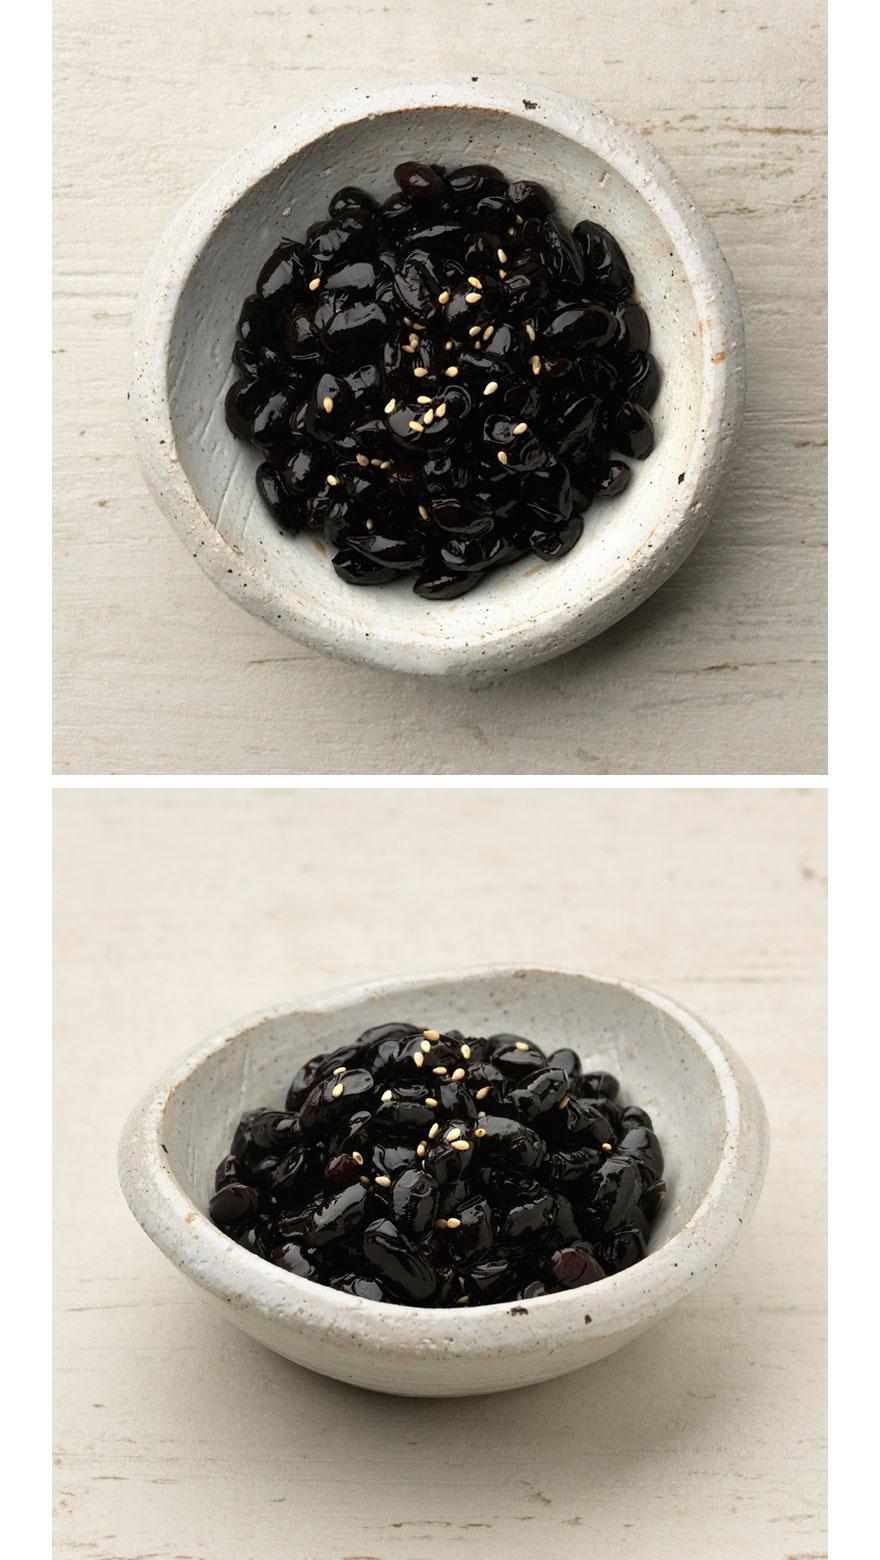 검은콩조림 국내산 검정콩은 영양소가 많이 들어있어 약콩이라고 불리기도 하는데요. 딱딱하지 않고 부드럽게 졸인 콩자반을 밥에 듬뿍 넣어 함께 먹으면 콩밥처럼 먹을 수 있어요. 냉장고에 들어있는 콩자반만 봐도 마음이 든든하답니다.